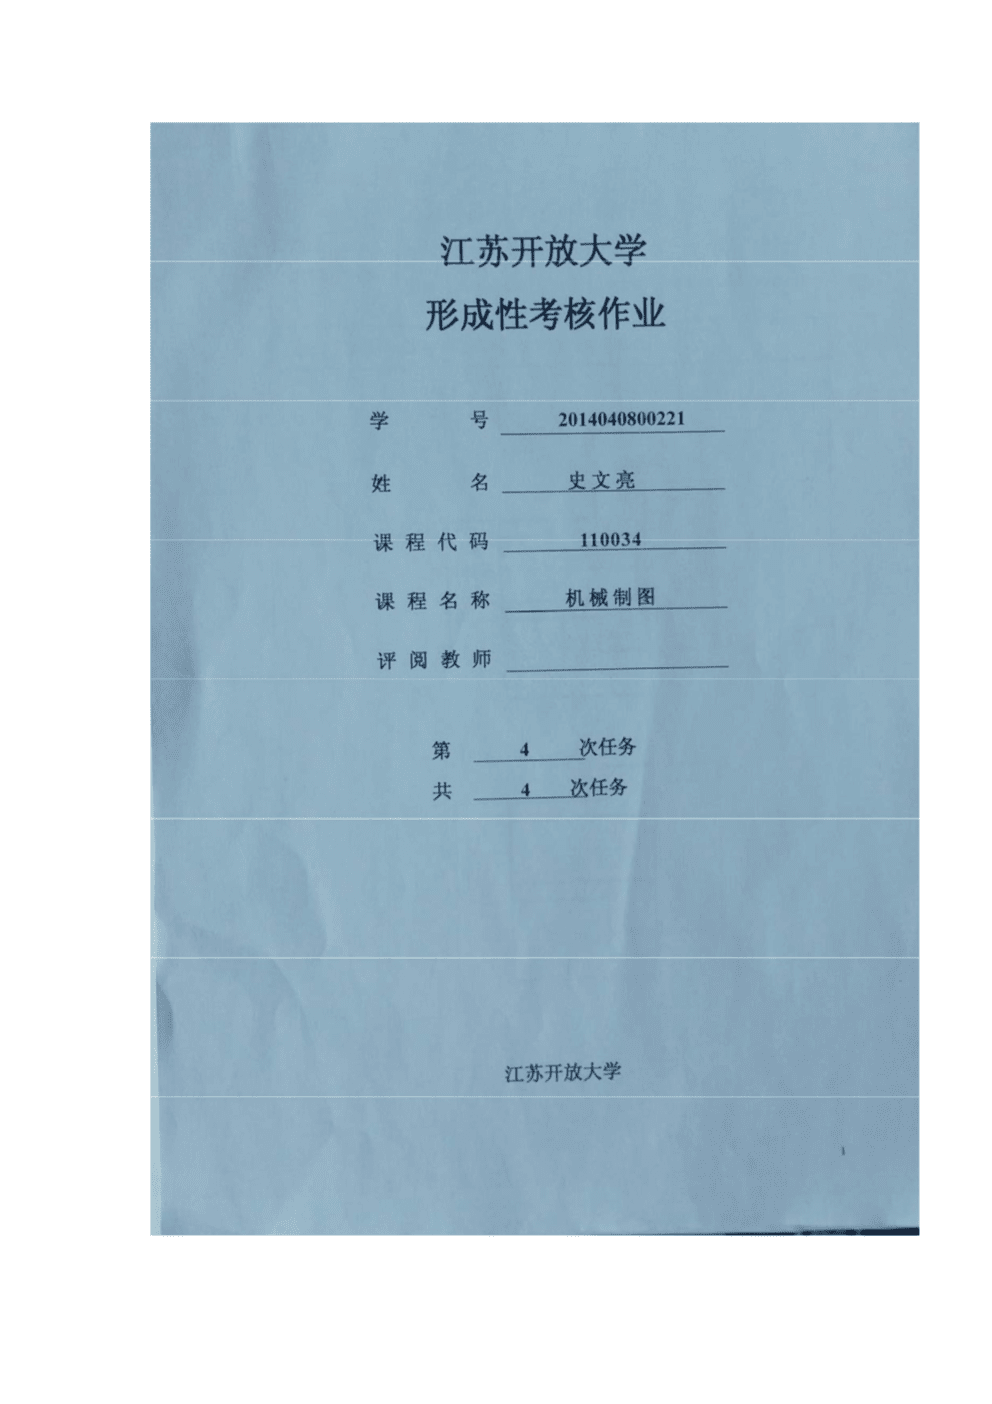 江苏开放大学机械制图形考4.doc